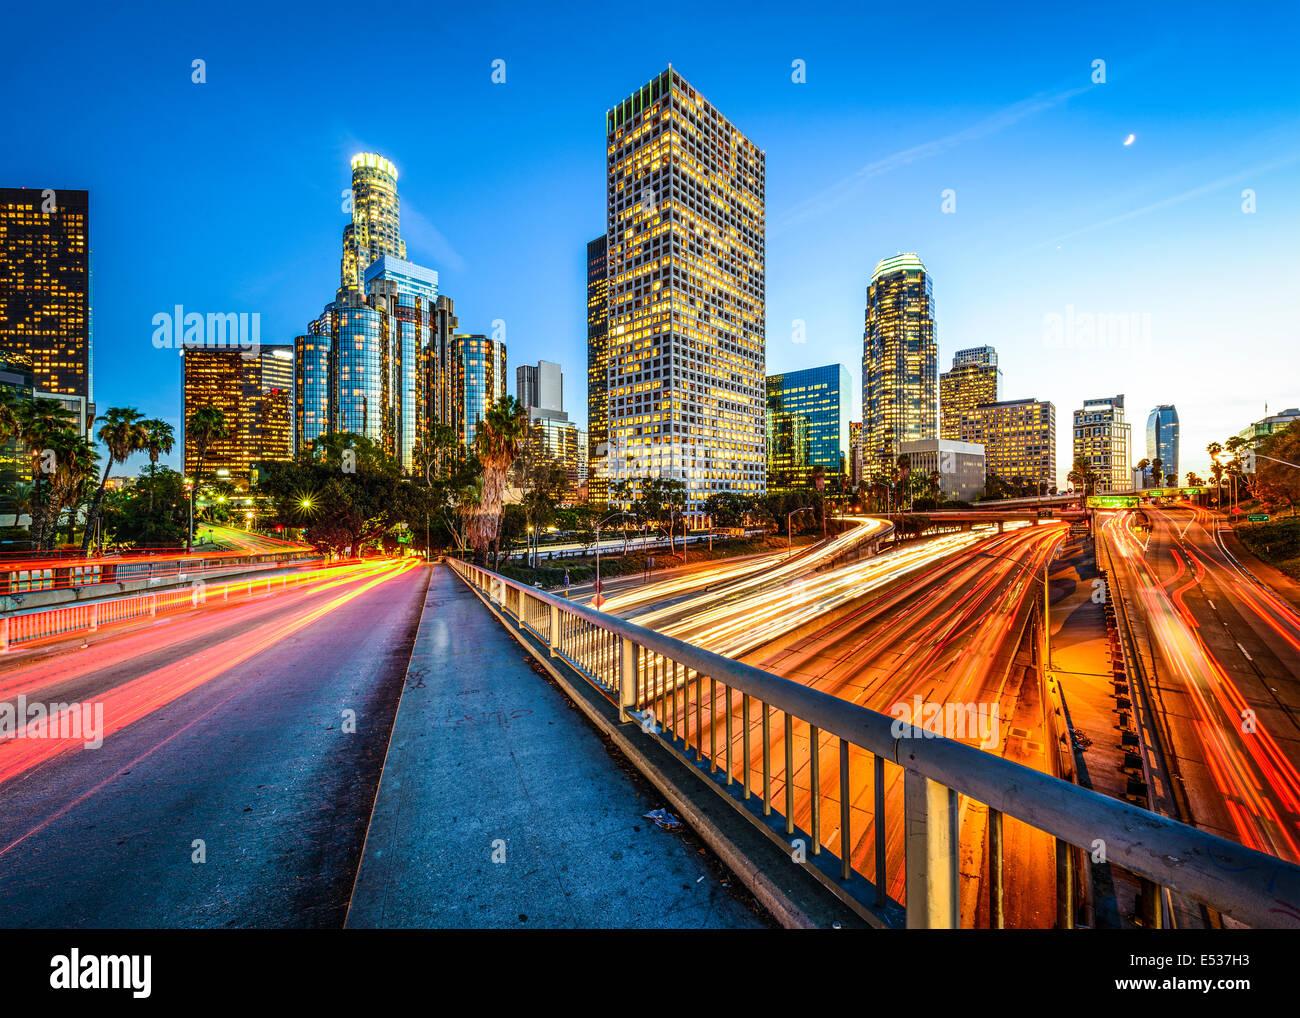 Los Angeles, Californie, USA sur le centre-ville de nuit. Photo Stock